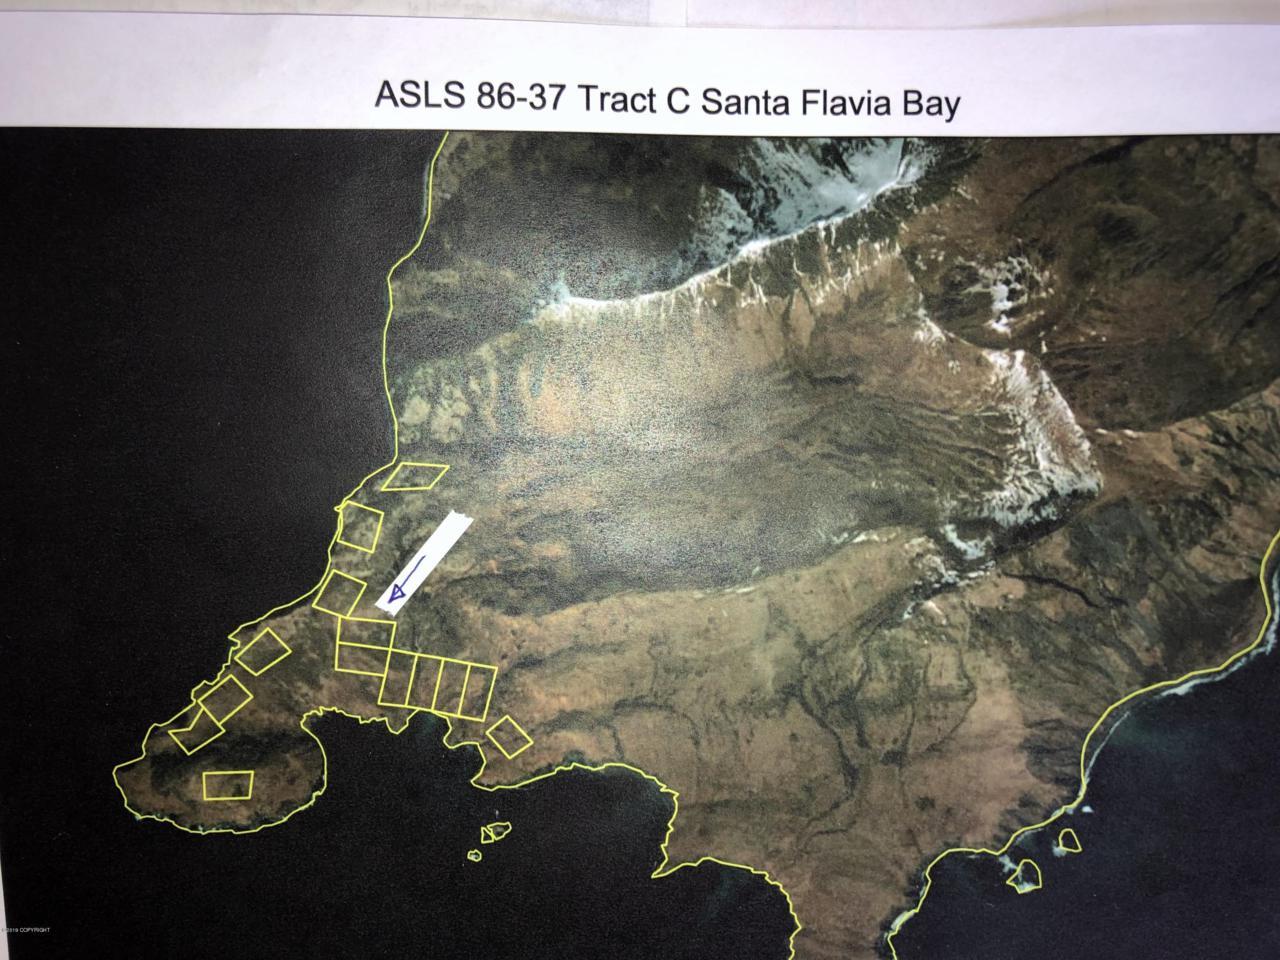 ASLS 86-37 Tract C Santa Flavia Bay - Photo 1